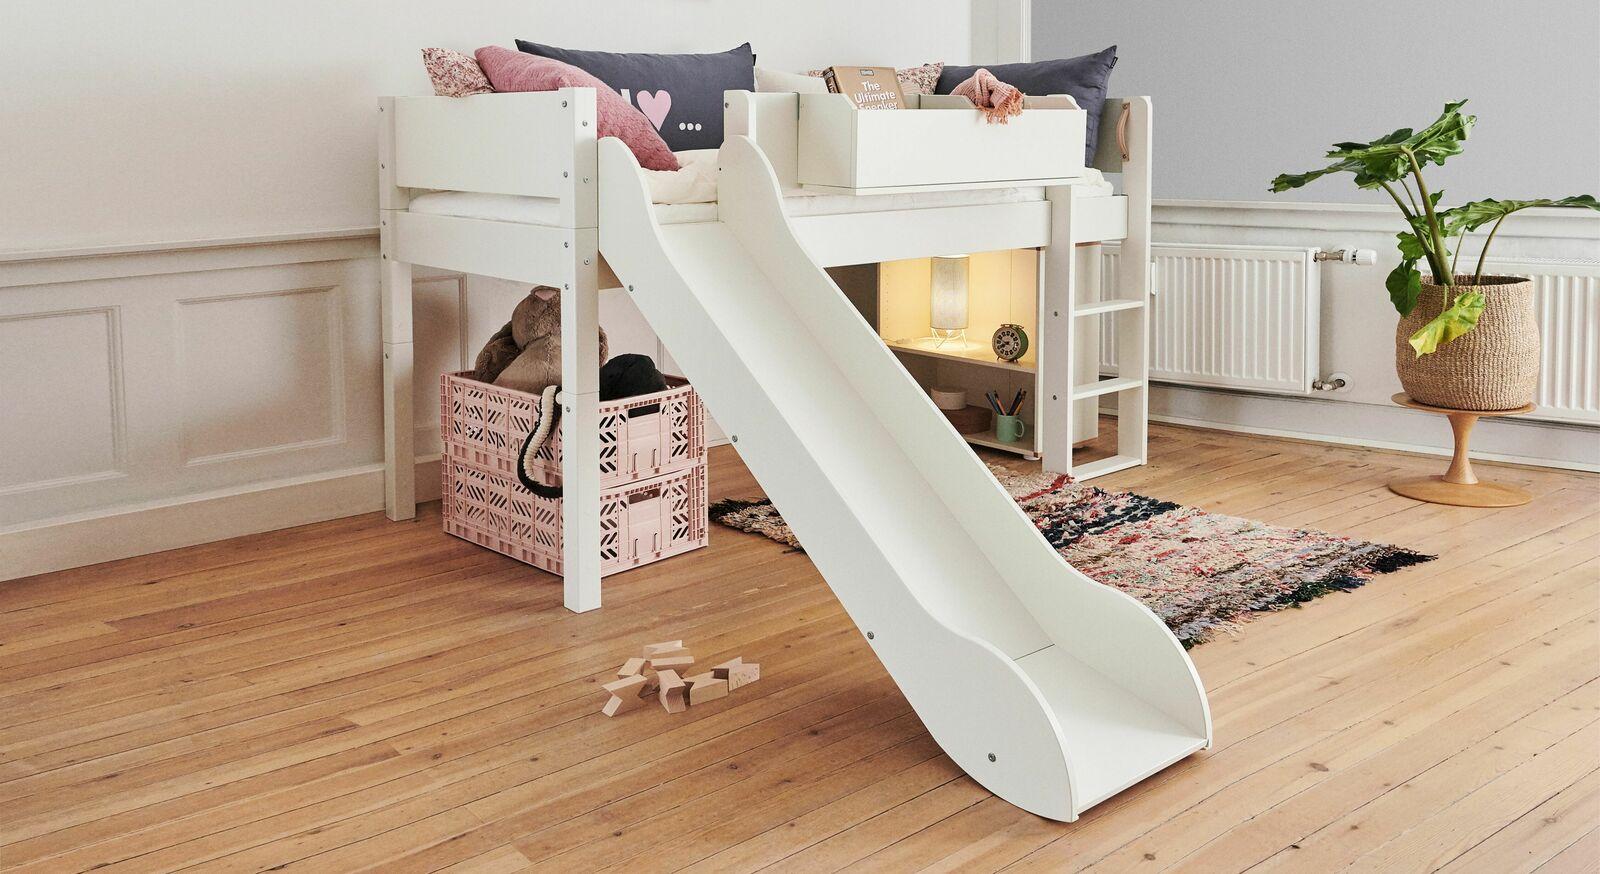 Modernes Mini-Rutschen Hochbett Kids Town in Weiß